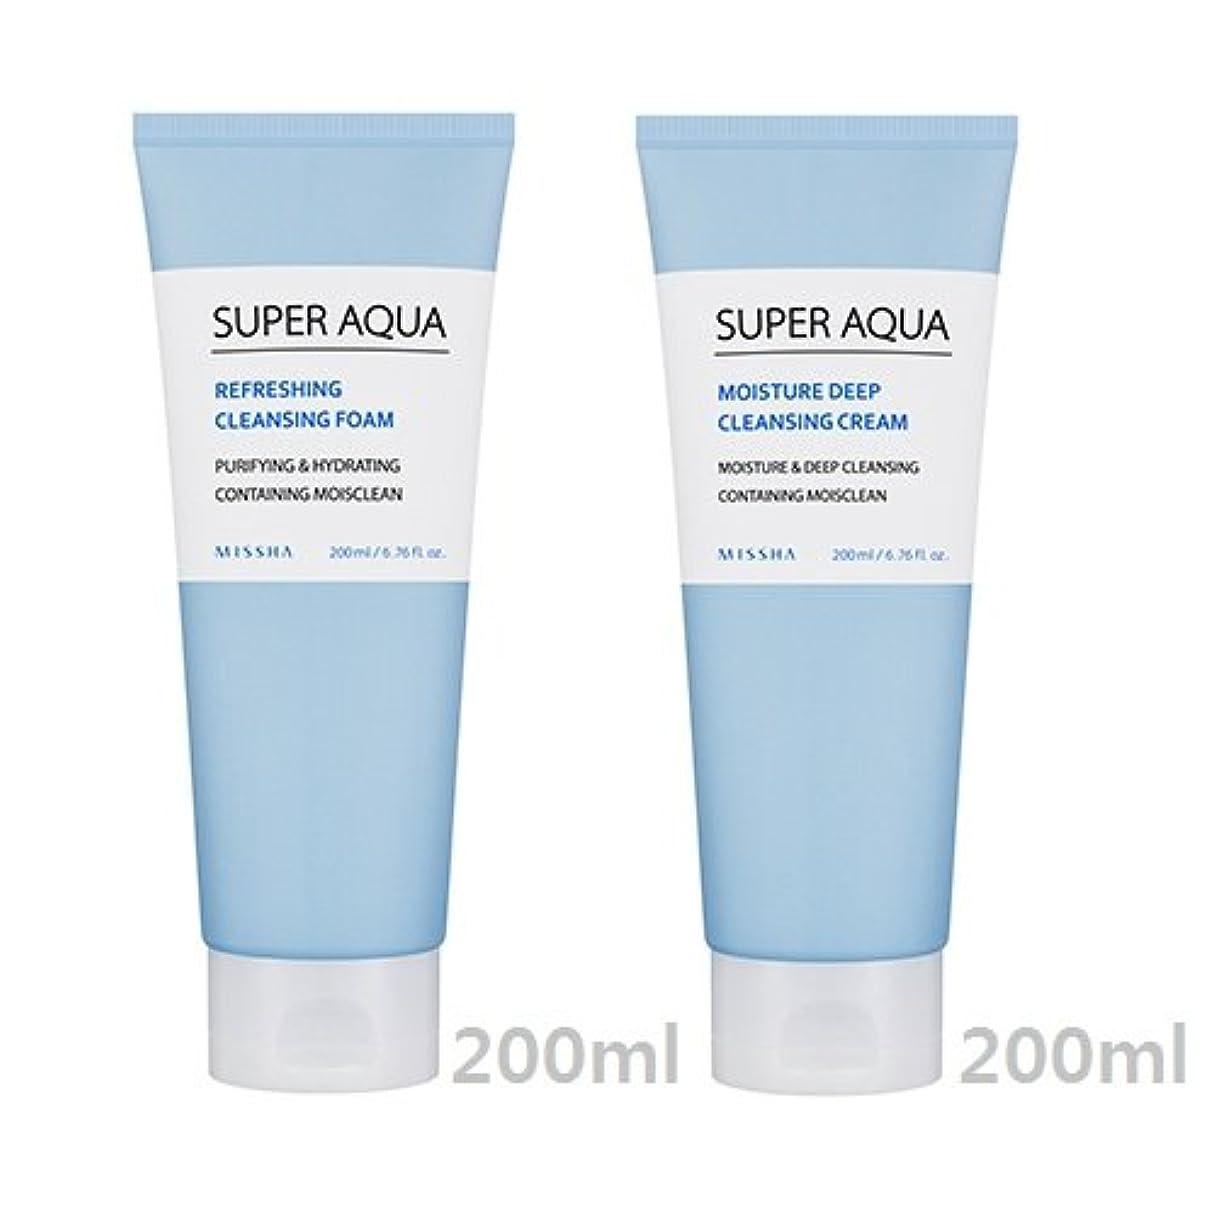 最高研磨剤こしょう[1+1] MISSHA Super Aqua Cleansing Cream + Foam/ミシャ スーパー アクア クレンジング クリーム + フォーム [並行輸入品]